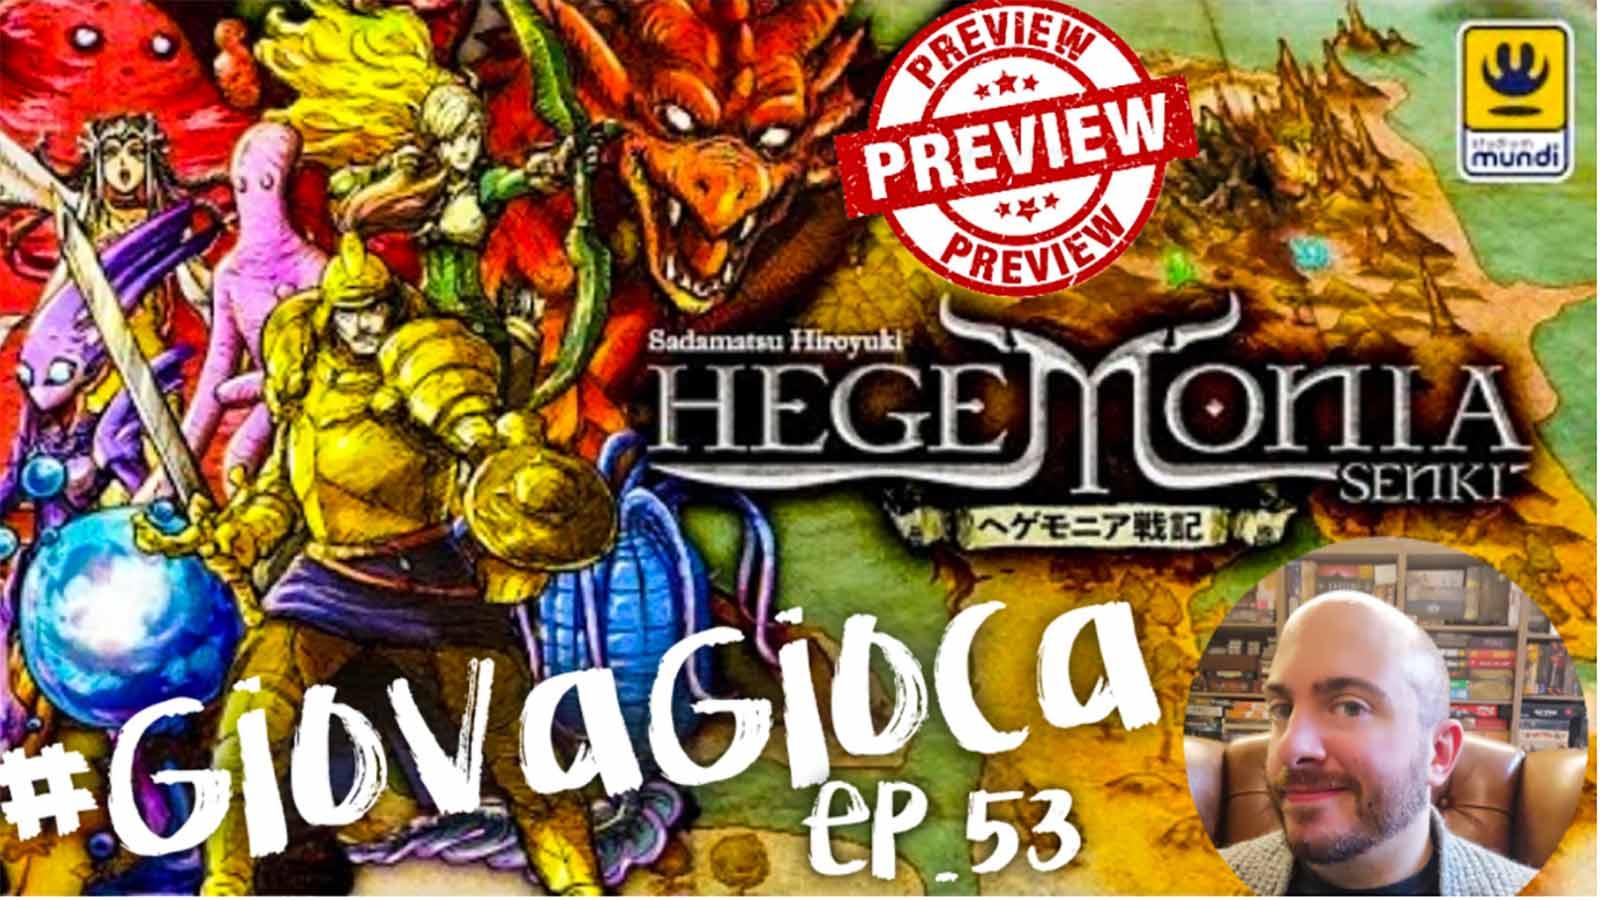 HEGEMONIA SENKI! Boardgame dal Giappone in Anteprima Speciale!